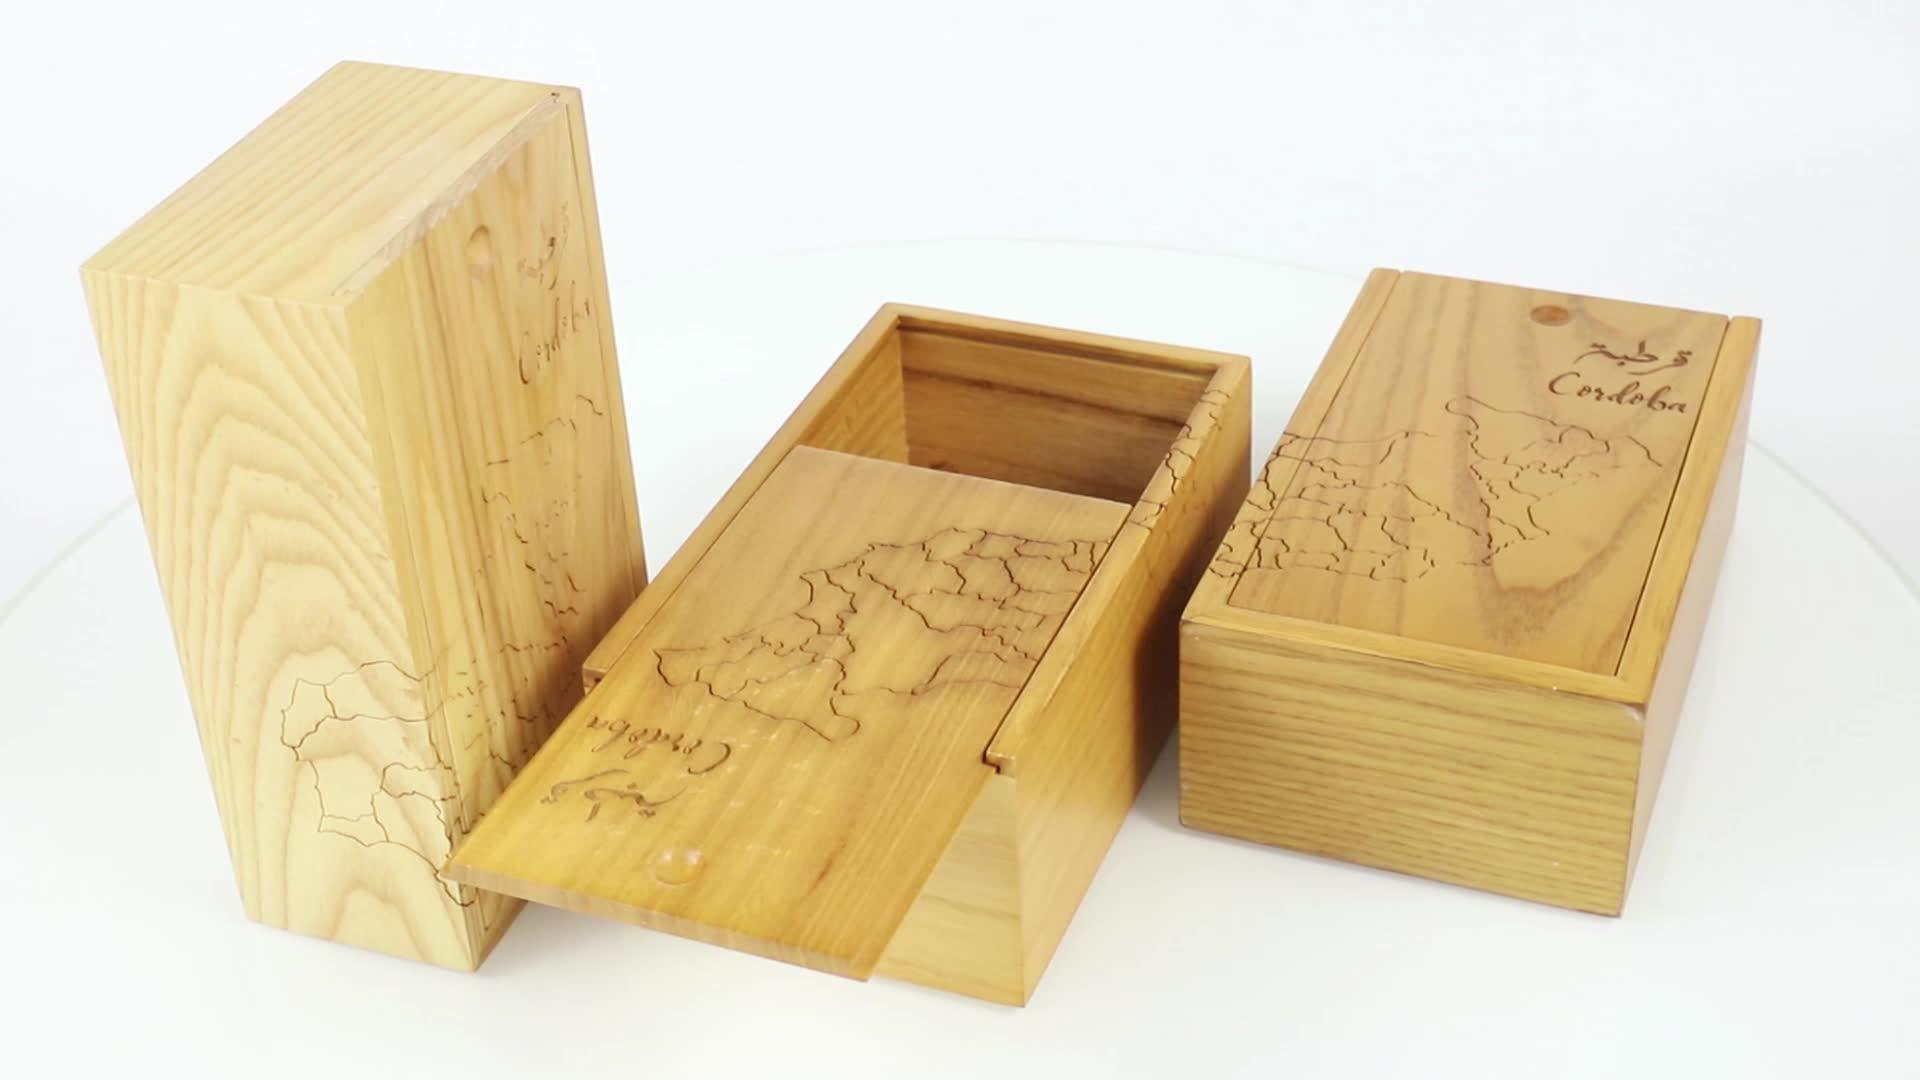 מותאם אישית טבעי עץ צבע אלון פשוט בושם קוסמטיקה תיבת עץ עם מעודן לייזר לוגו